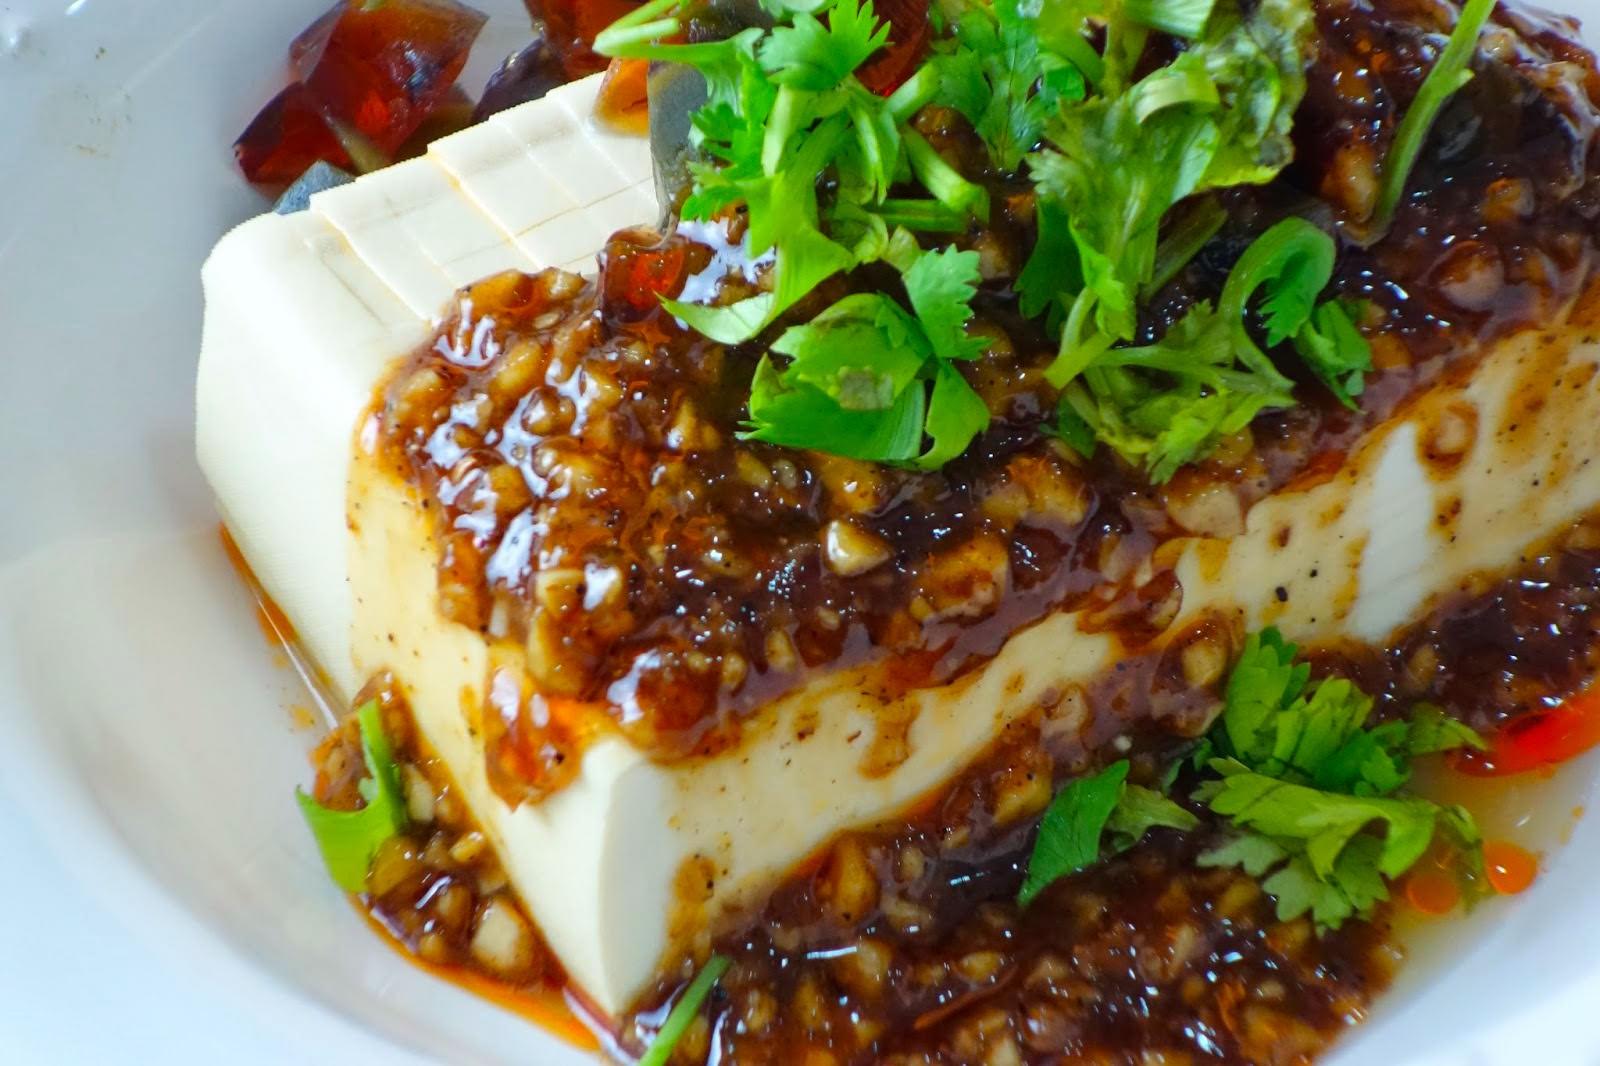 讓豆腐不容易碎的 3 個小秘訣!